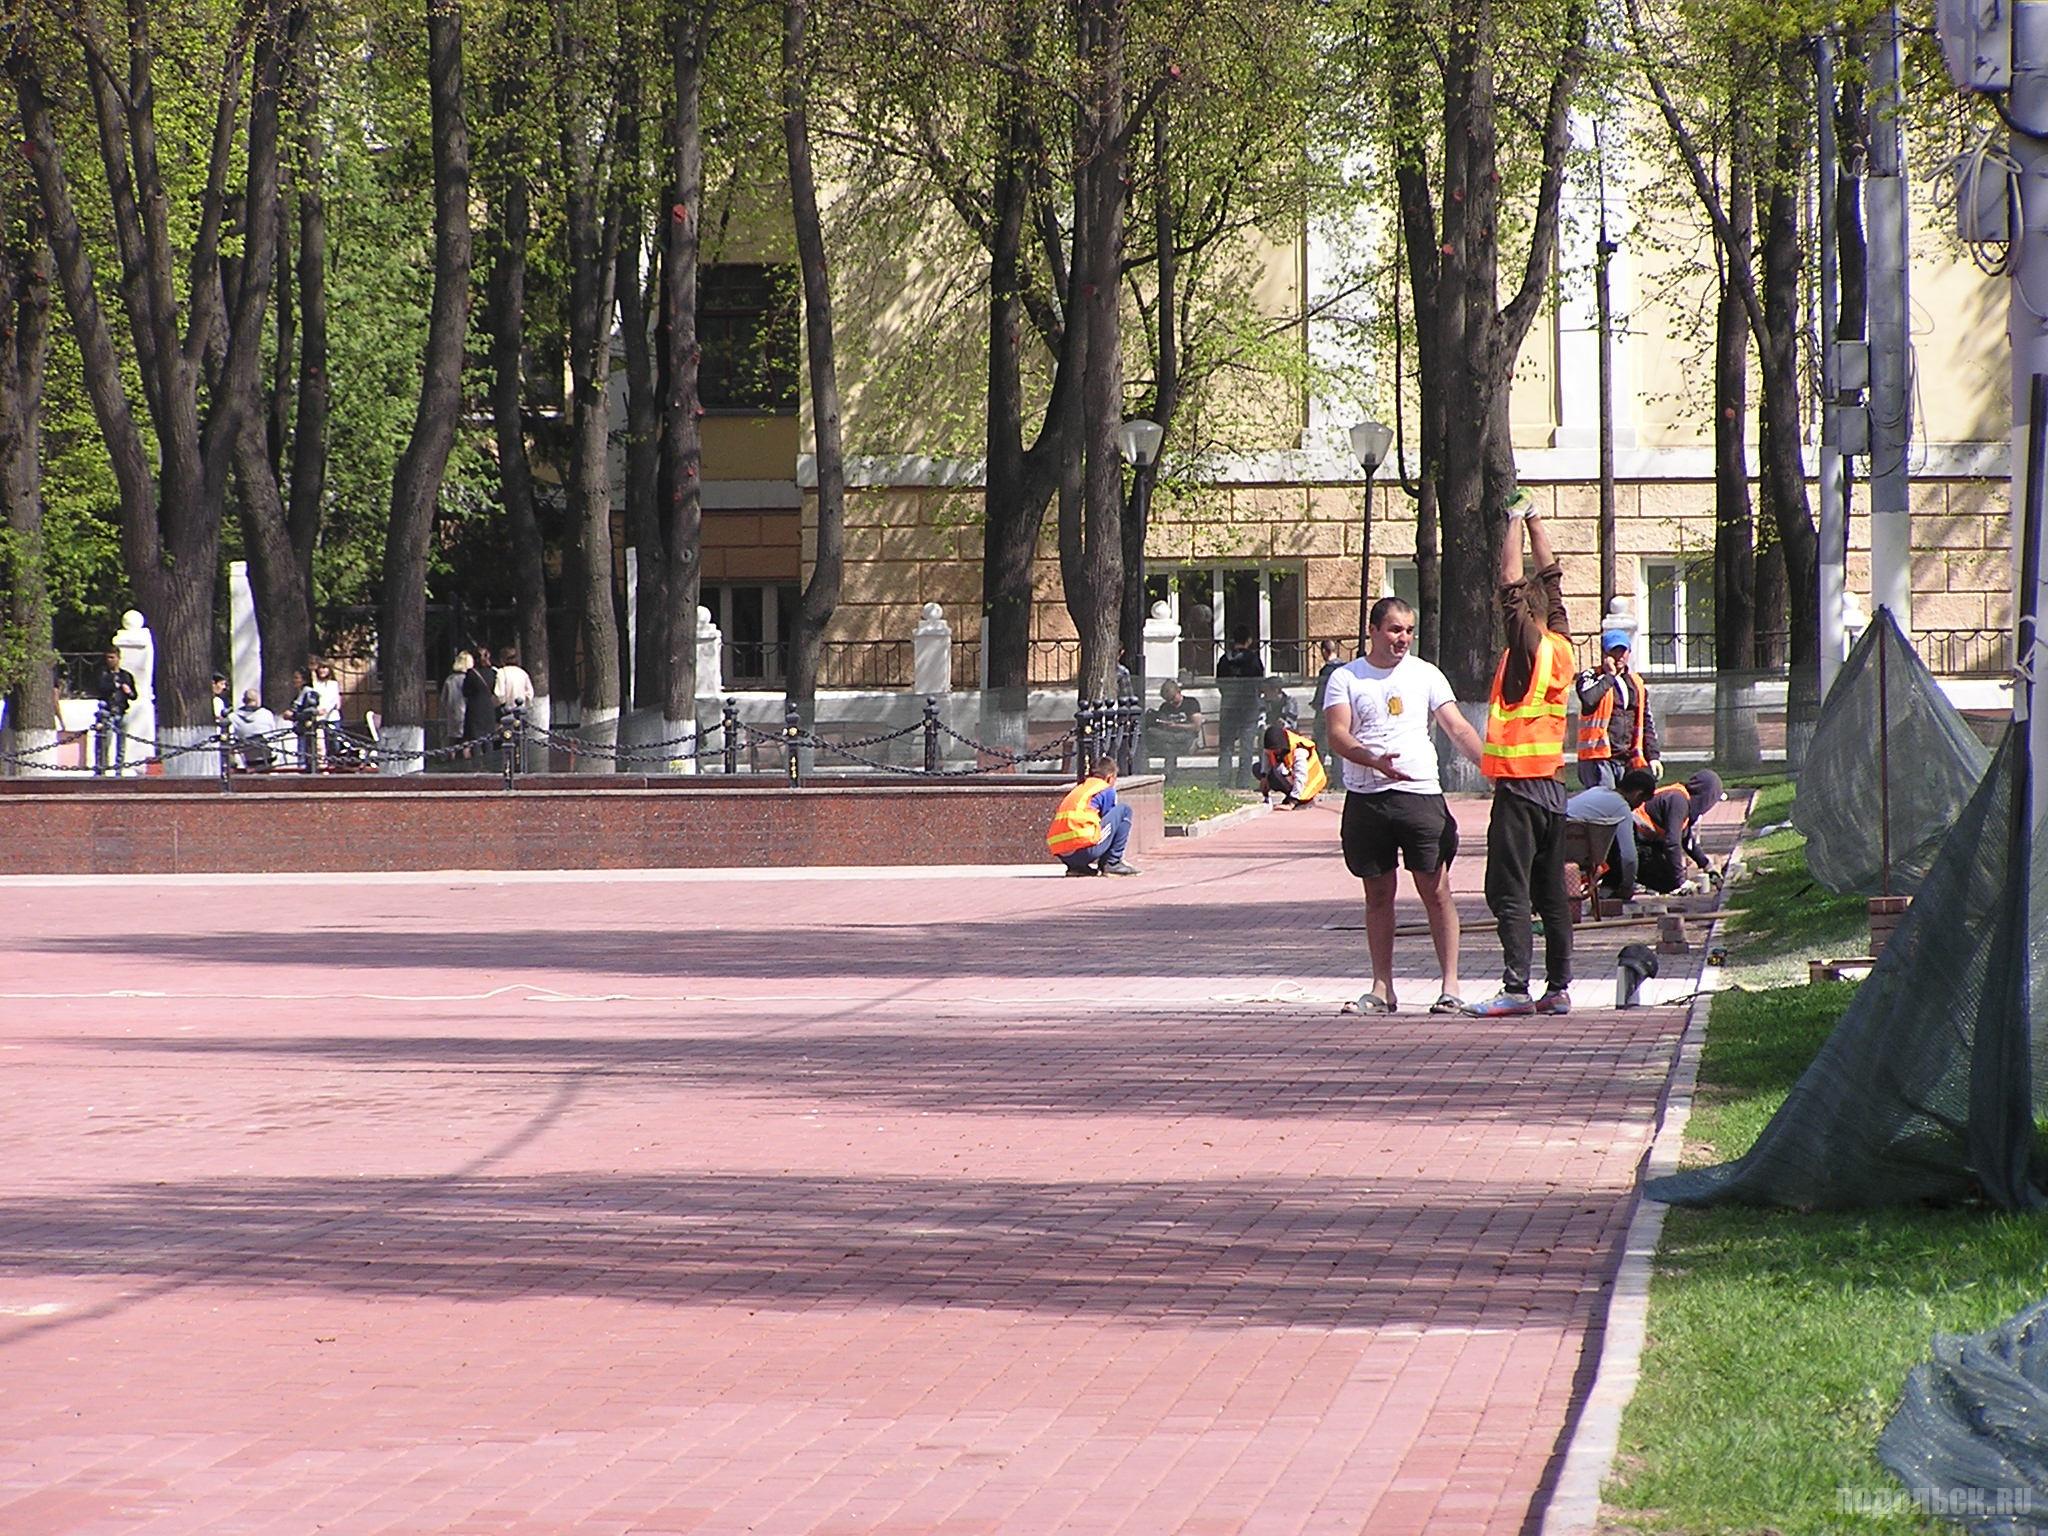 Замена плитки на площади Славы. 6 мая 2019